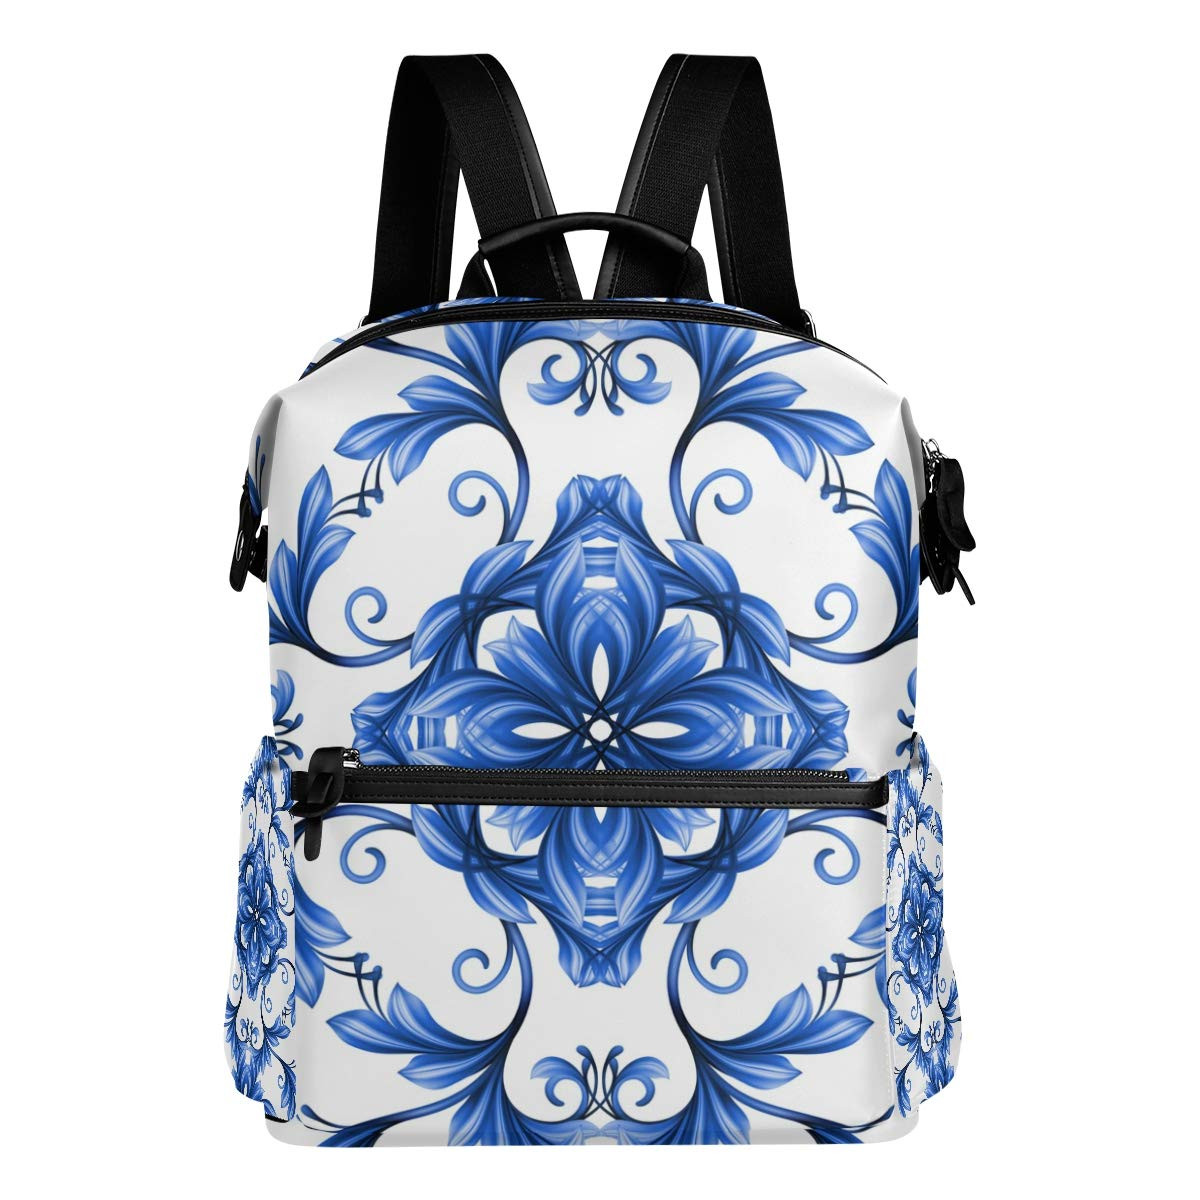 FAJRO, zaino da viaggio con motivo floreale astratto senza cuciture, blu e bianco Gzhel